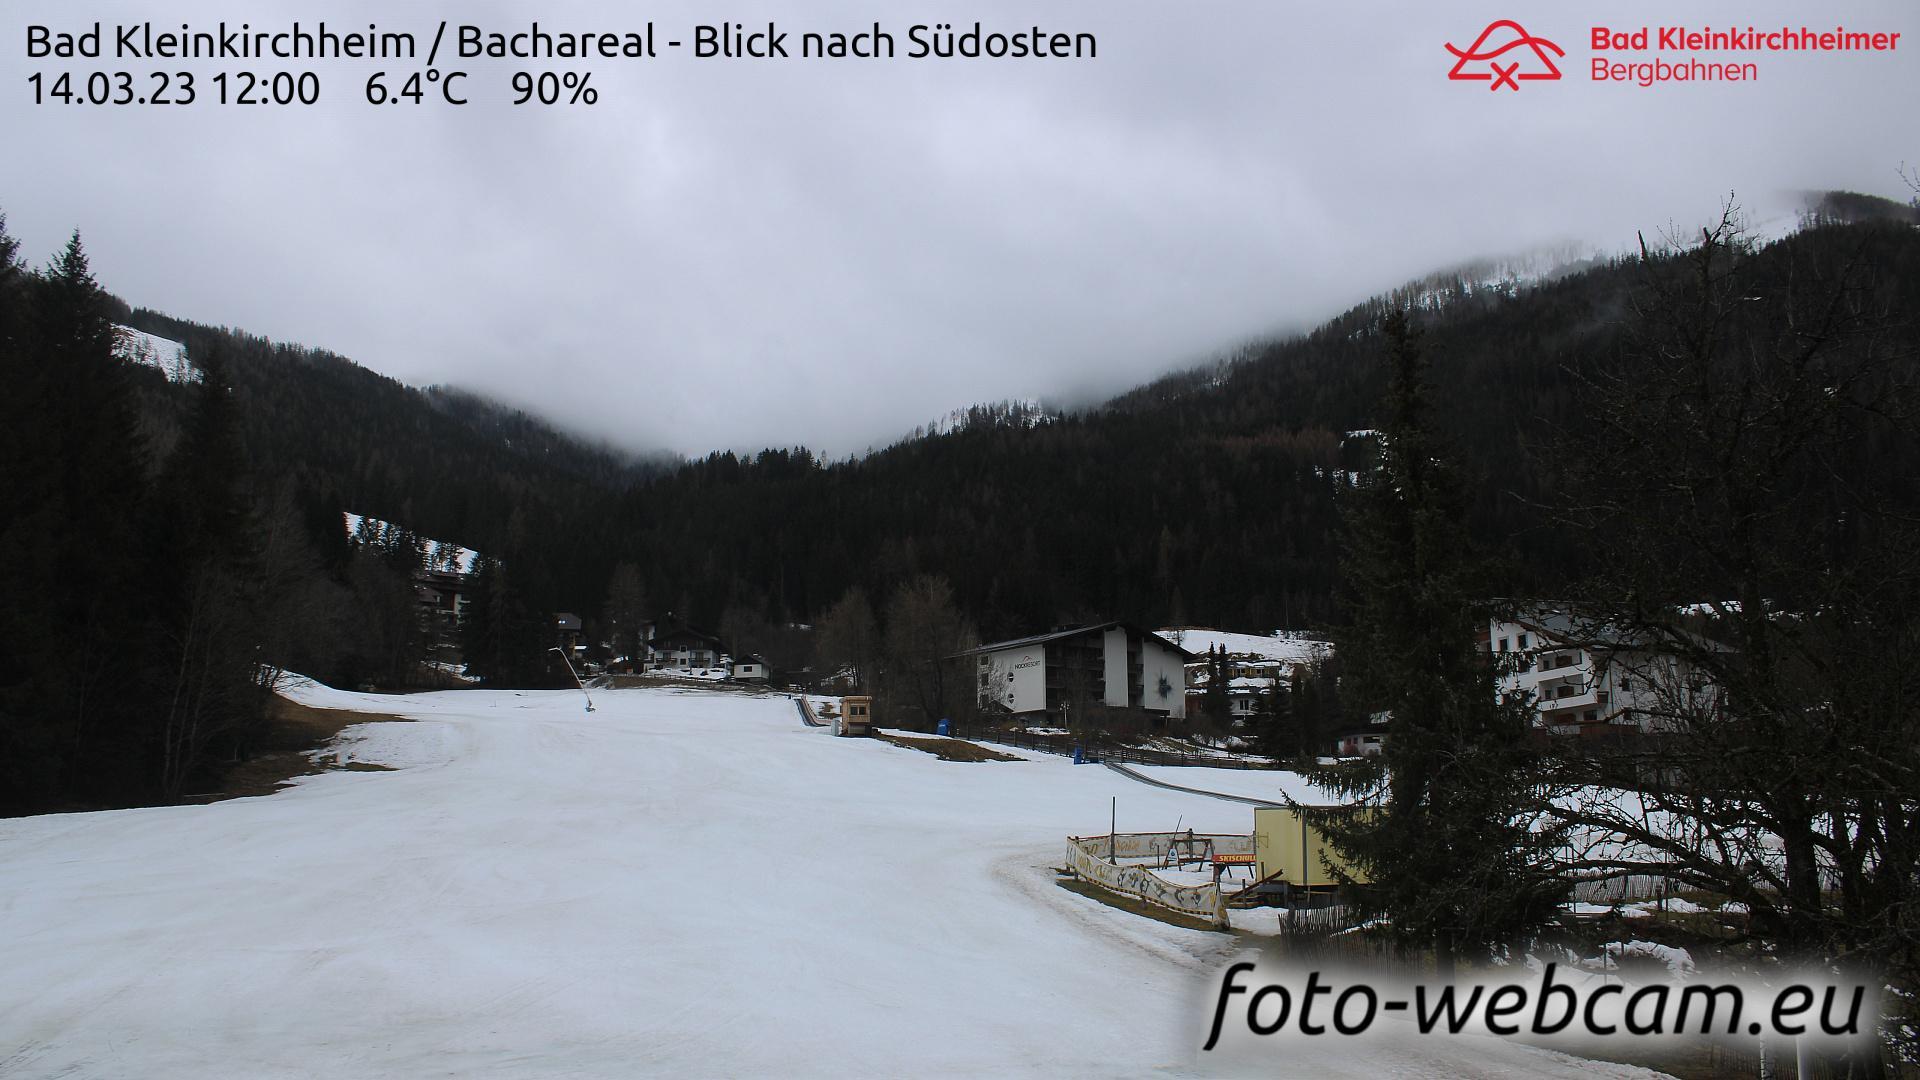 Webcam Bach: Bad Kleinkirchheim − Bachlift − Blick nach S